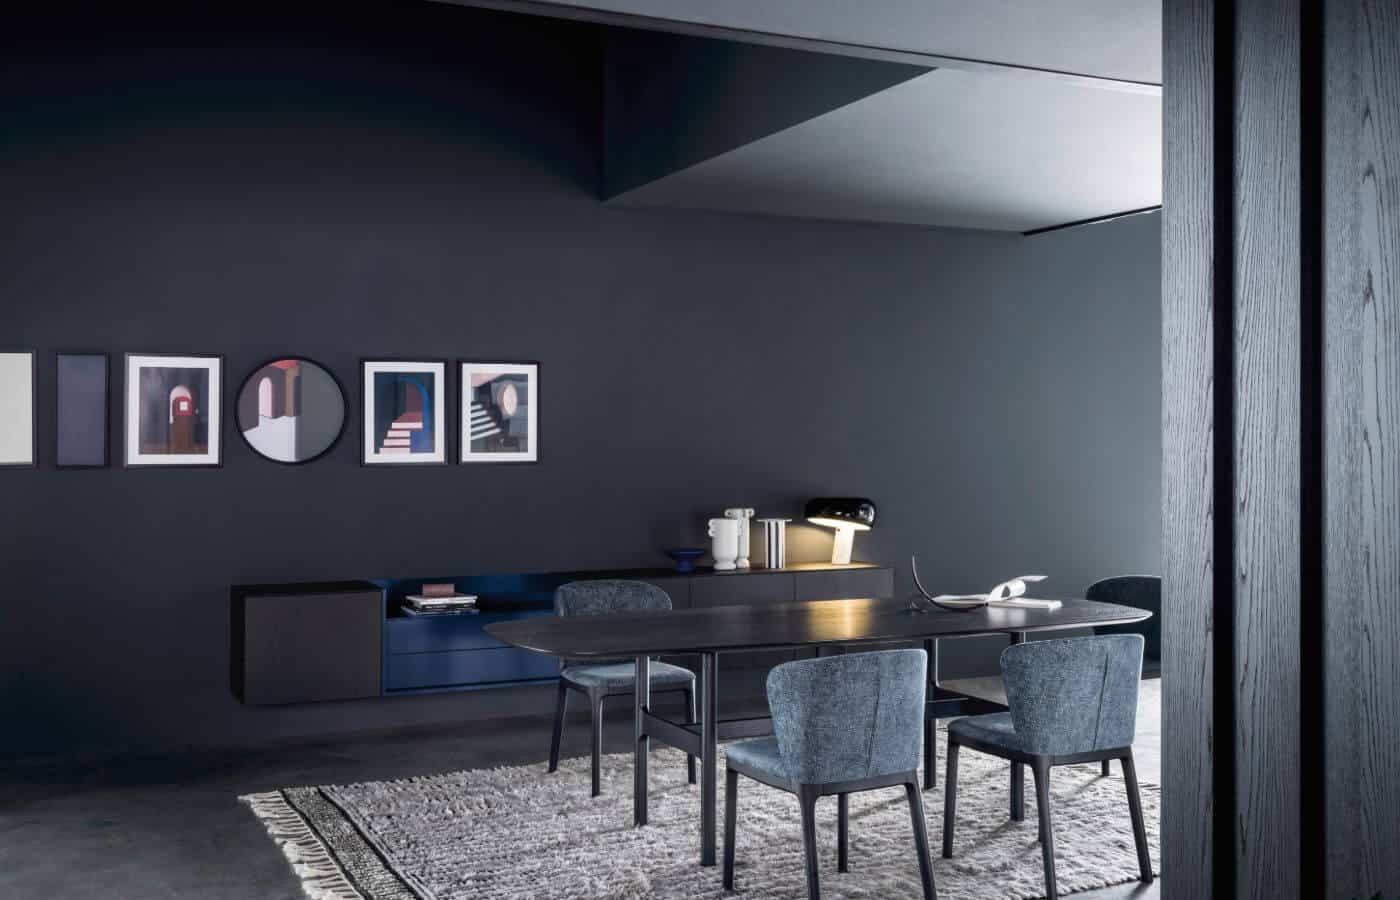 tavolo-collezione-spazio-il-mobile (1)